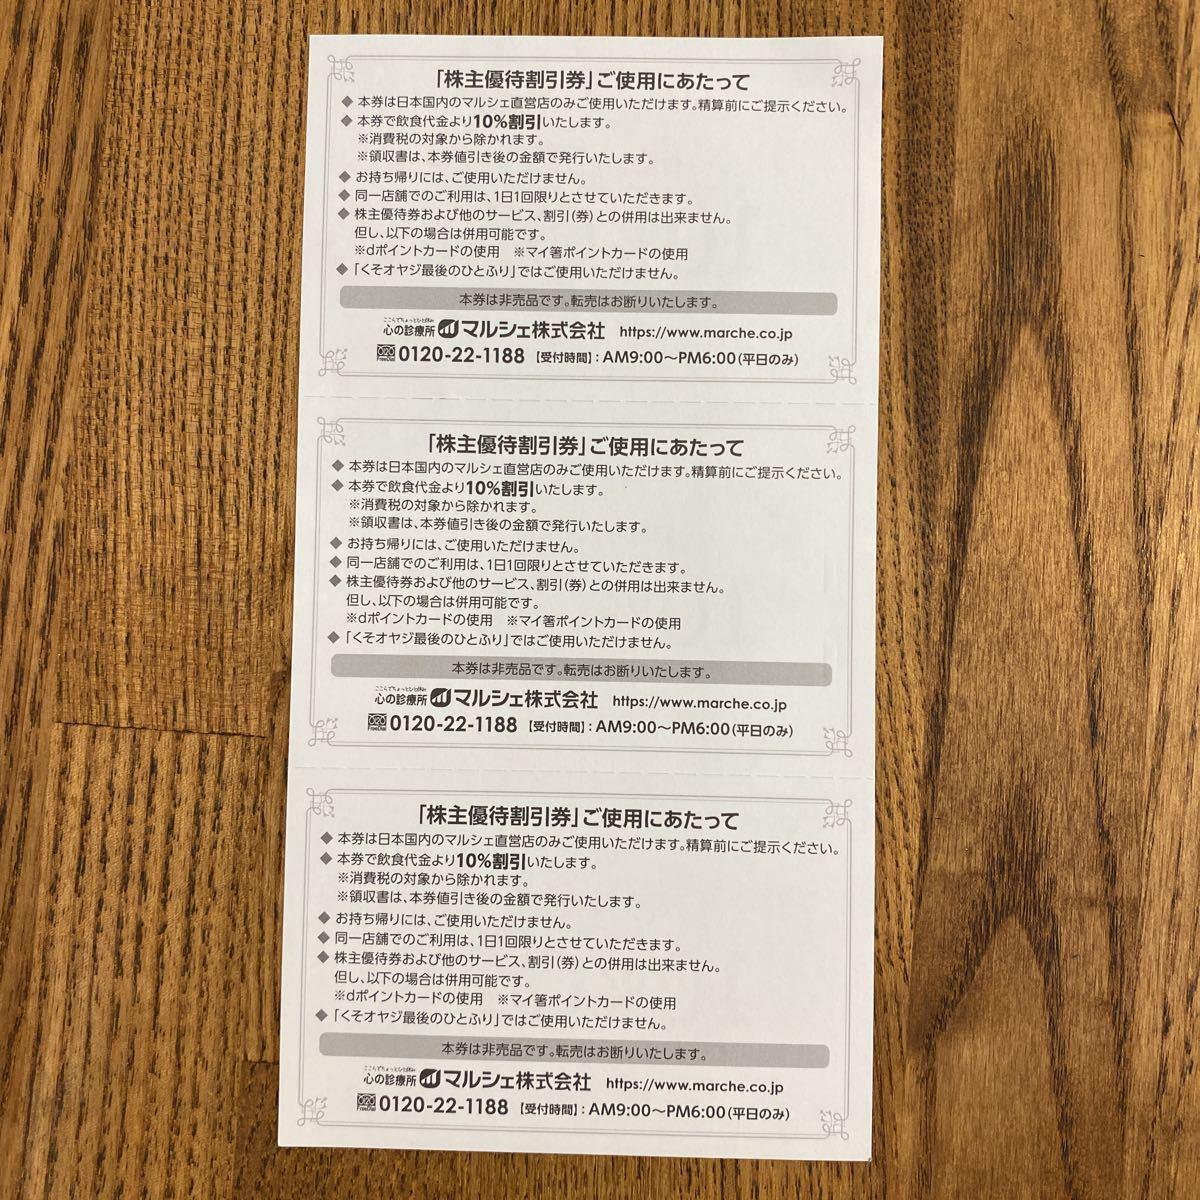 マルシェ株主優待券10%OFF券3枚(送料込)_画像2